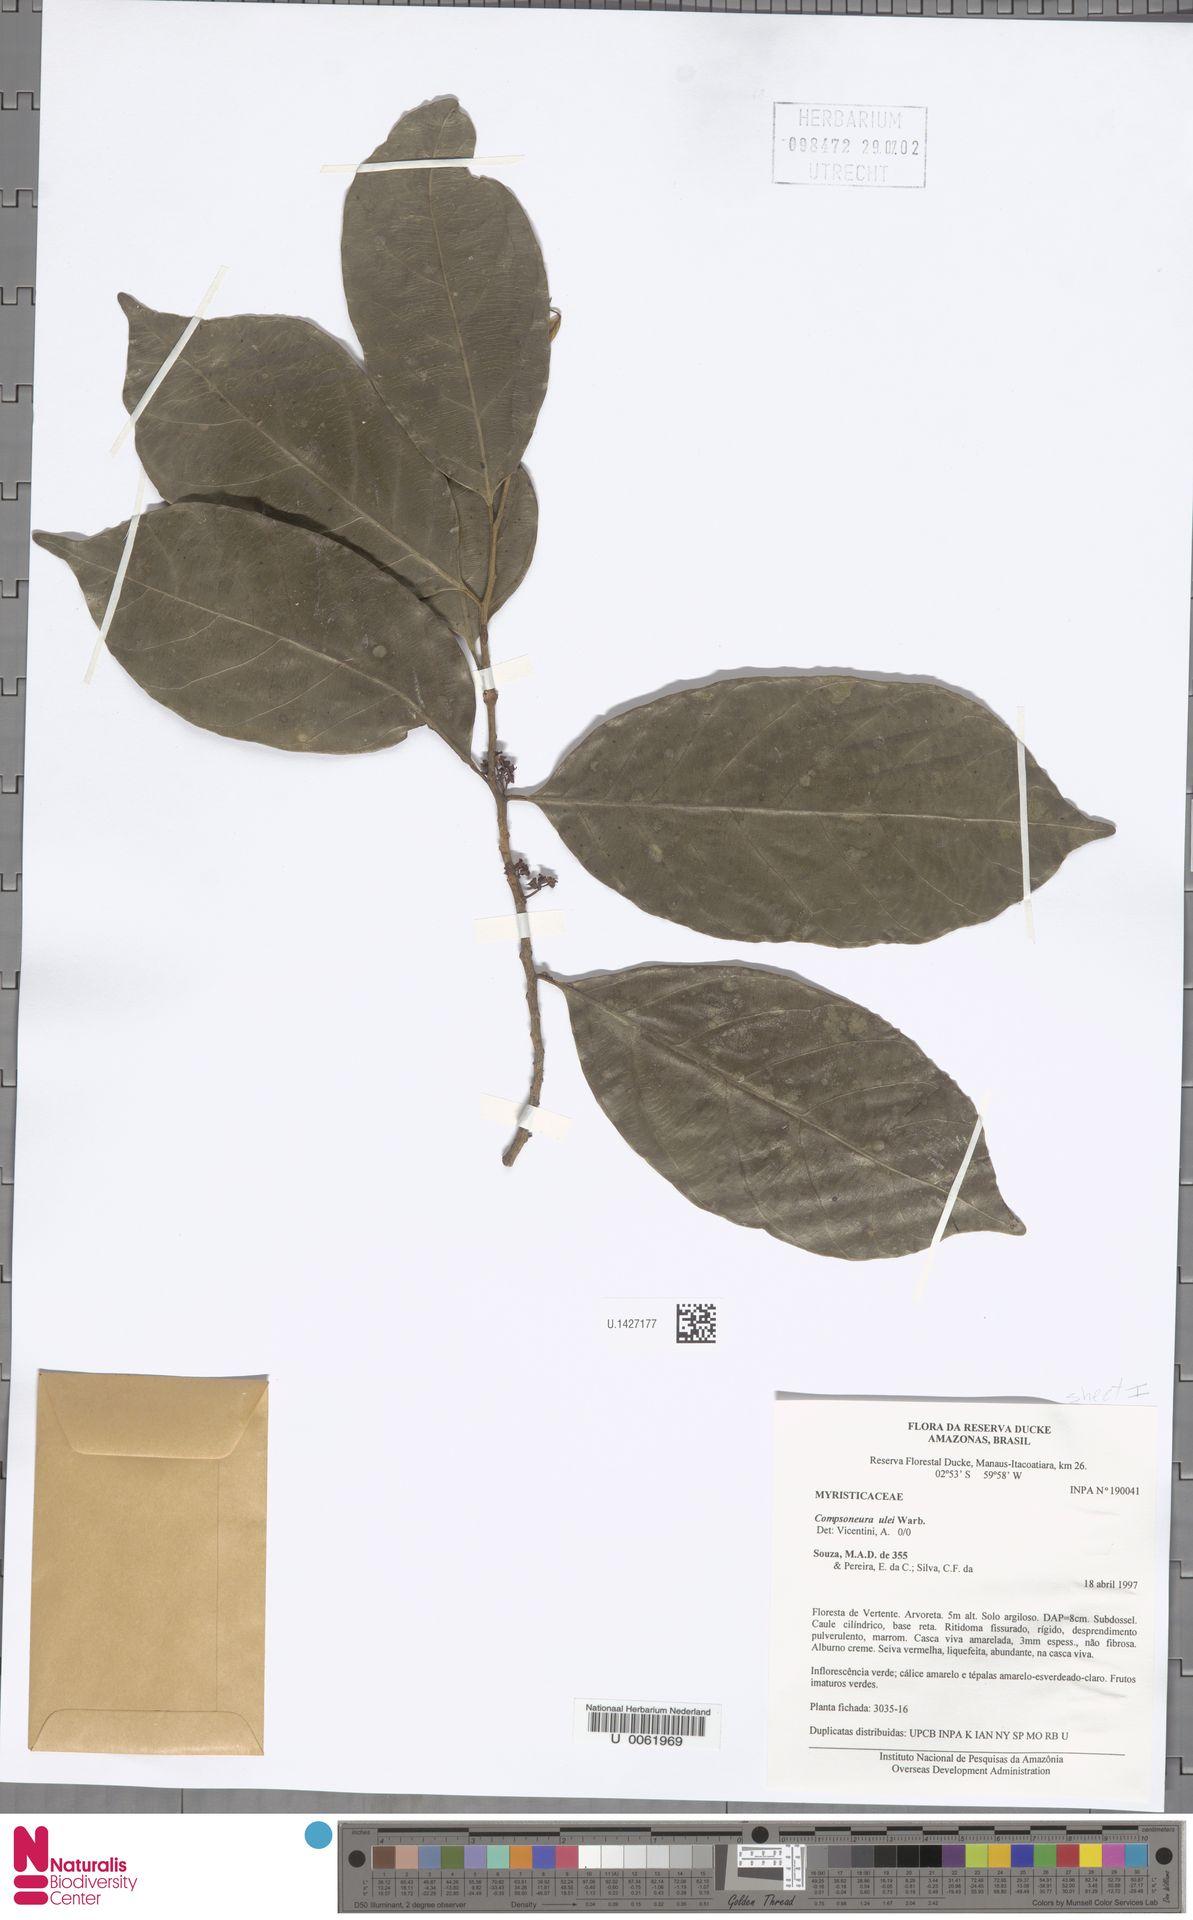 U.1427177 | Compsoneura ulei Warb.